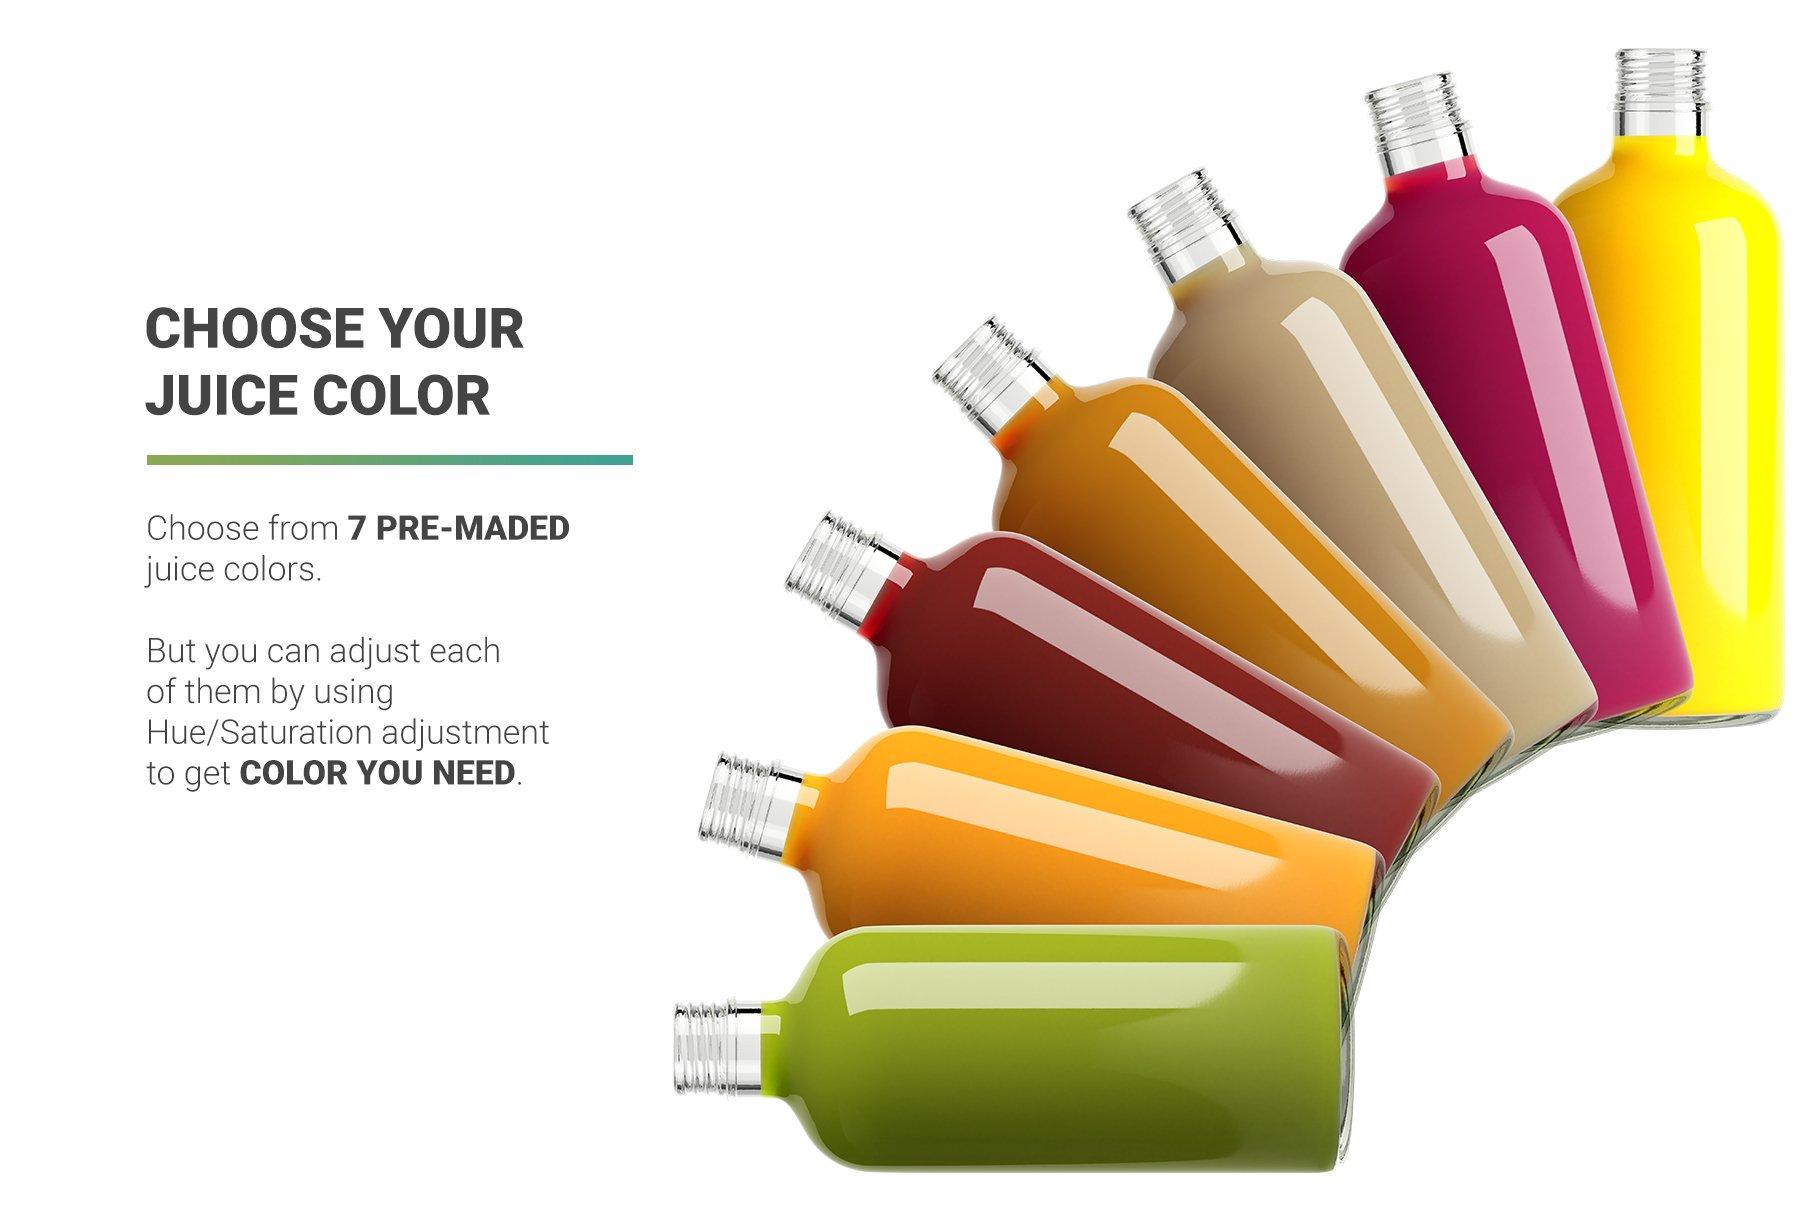 透明果汁玻璃瓶设计展示样机 Juice Bottle Mockup插图(9)